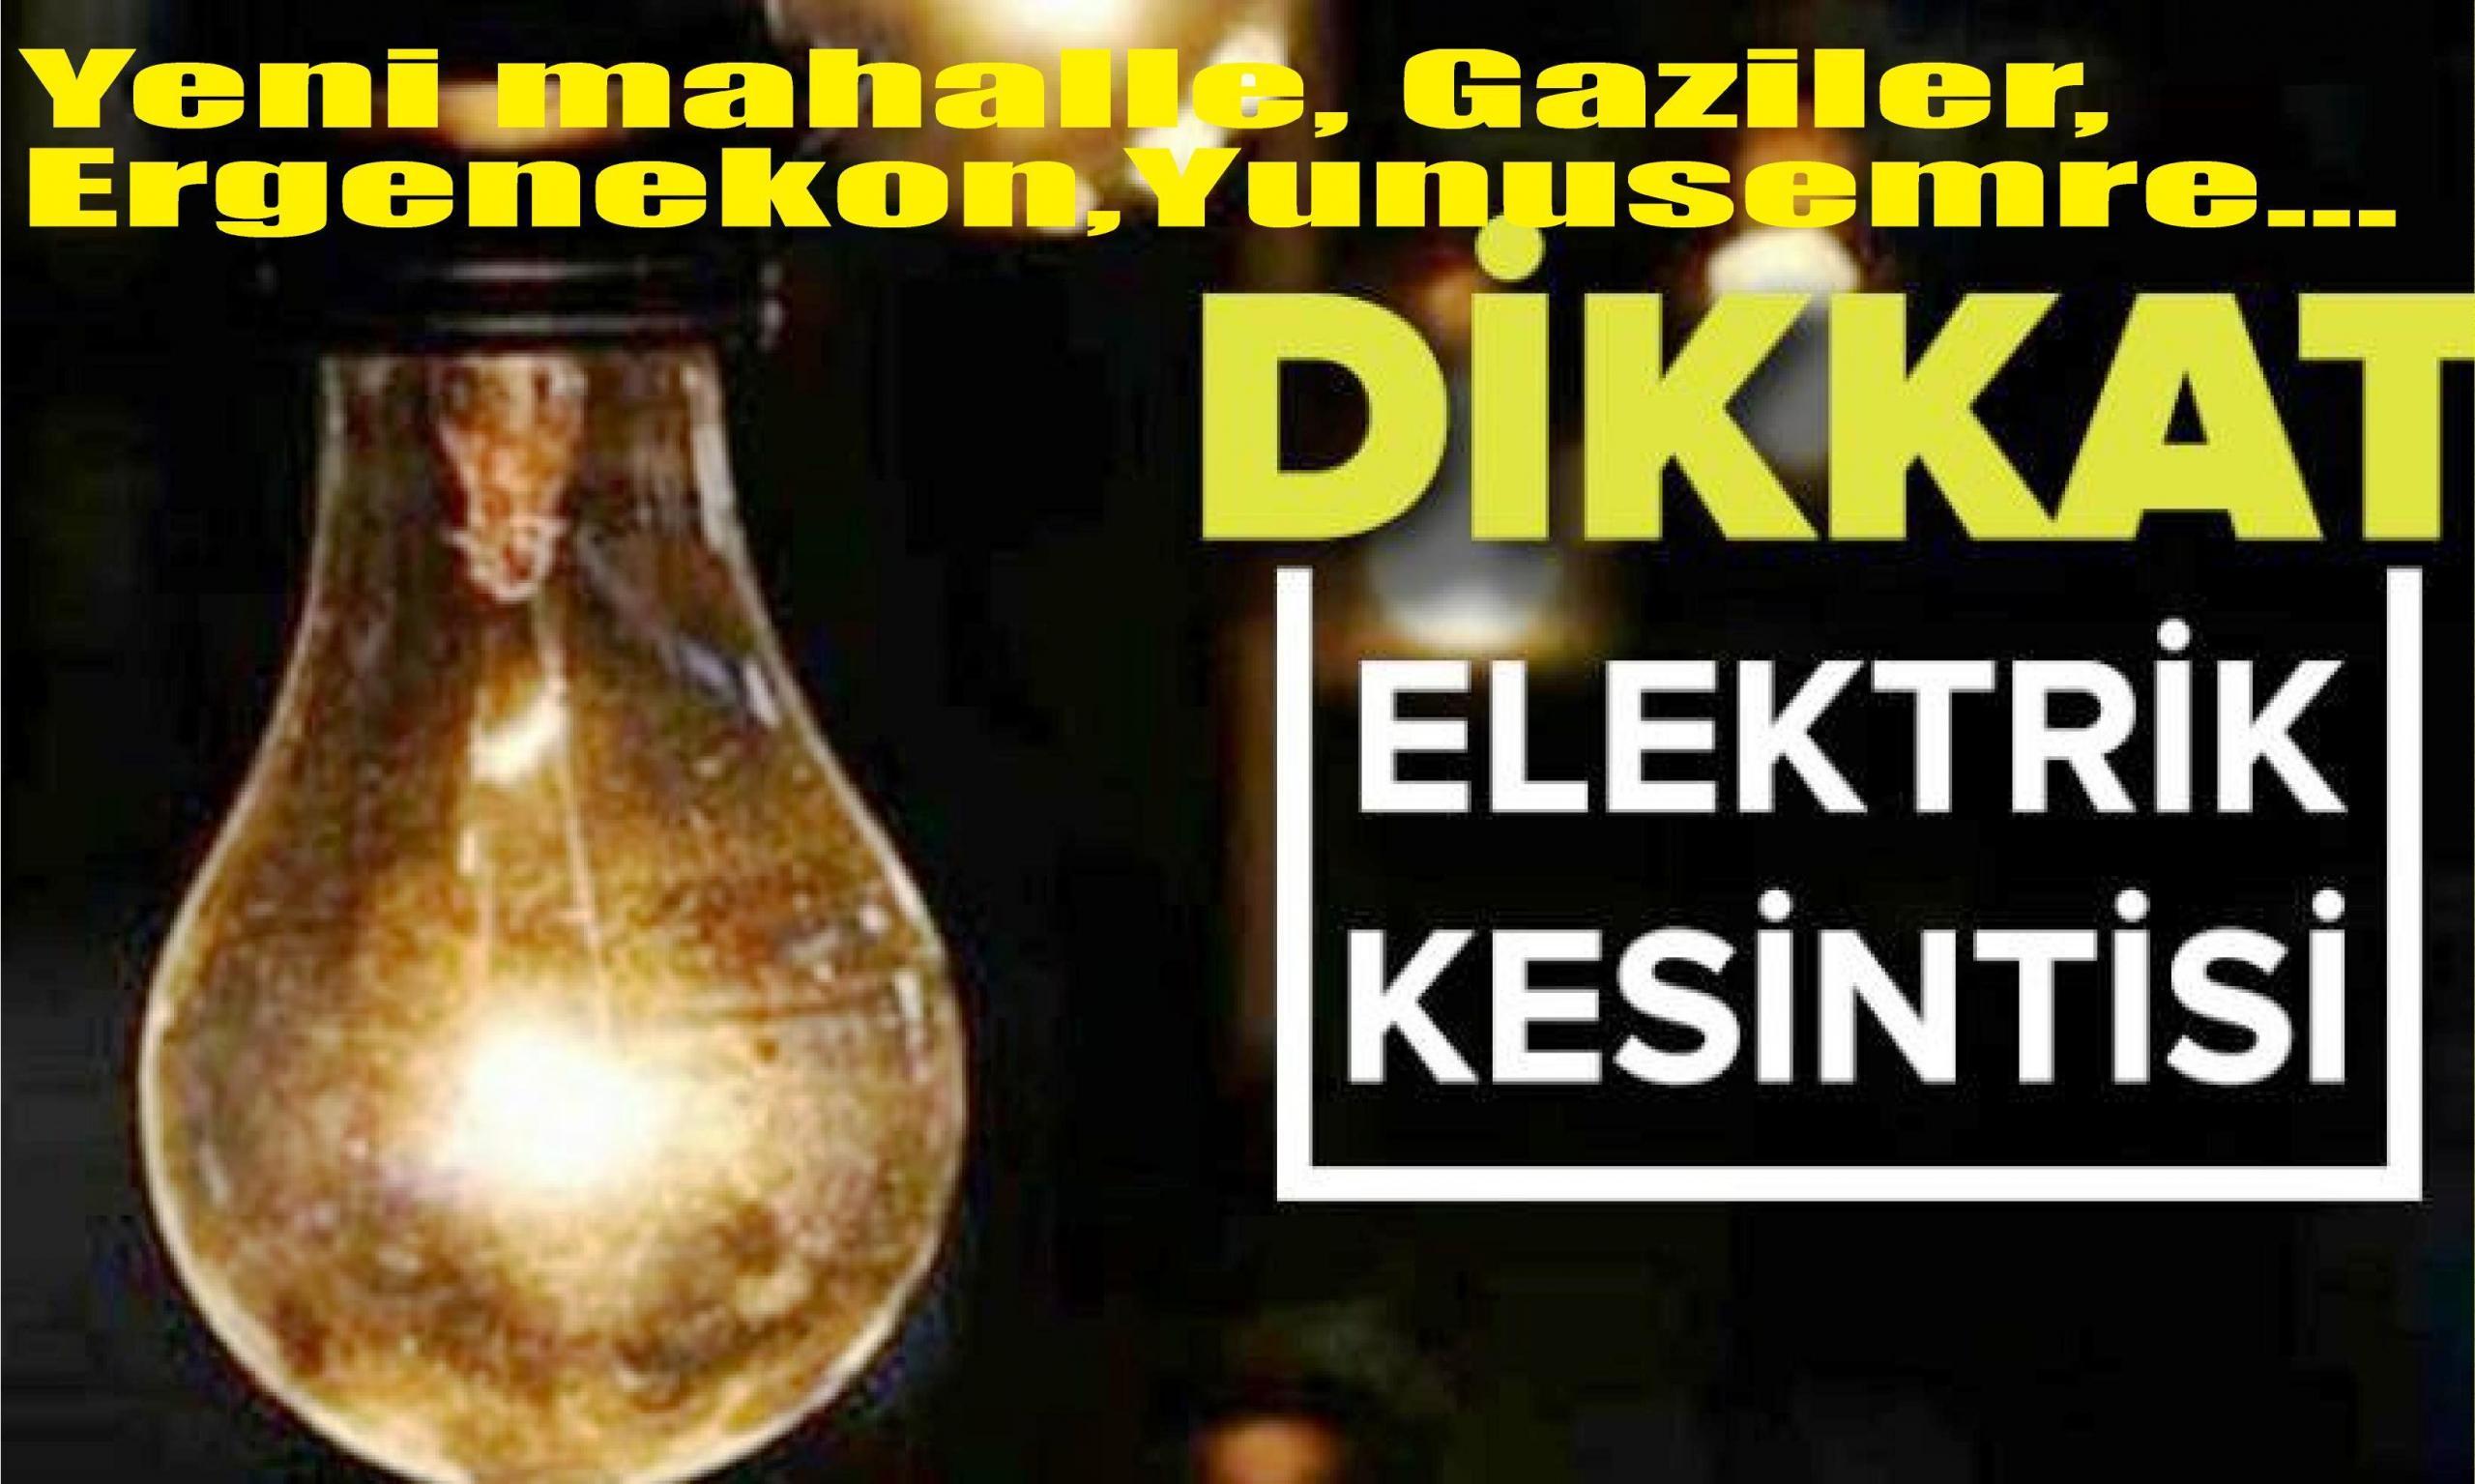 Tarsus'un Bazı Mahallelerinde Elektrik Kesintisi Yapılacaktır